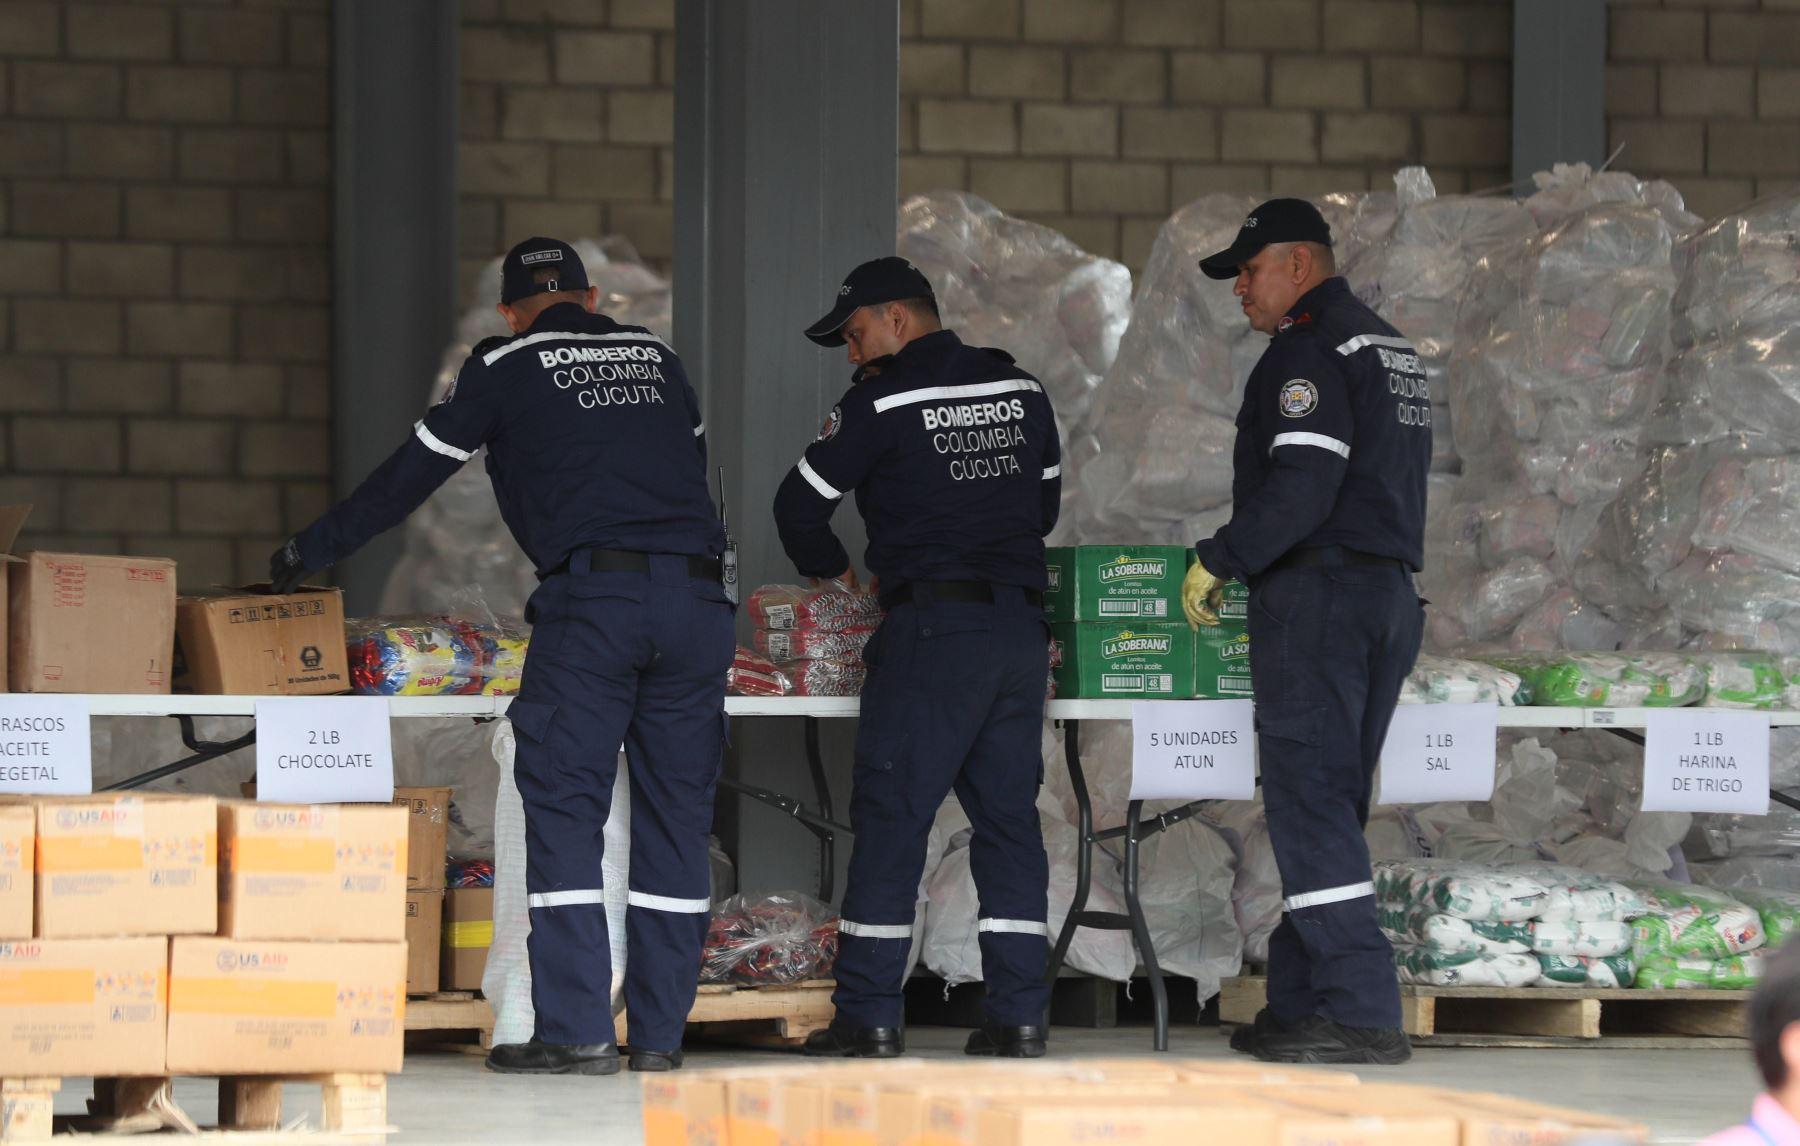 Autoridades organizan el cargamento con la ayuda humanitaria para Venezuela este viernes, en un centro de acopio dispuesto en el puente internacional de Tienditas, en Cúcuta (Colombia). Los primeros camiones con la ayuda humanitaria llegaron ayer a Cúcuta, donde se trabaja en la logística para su entrega. EFE